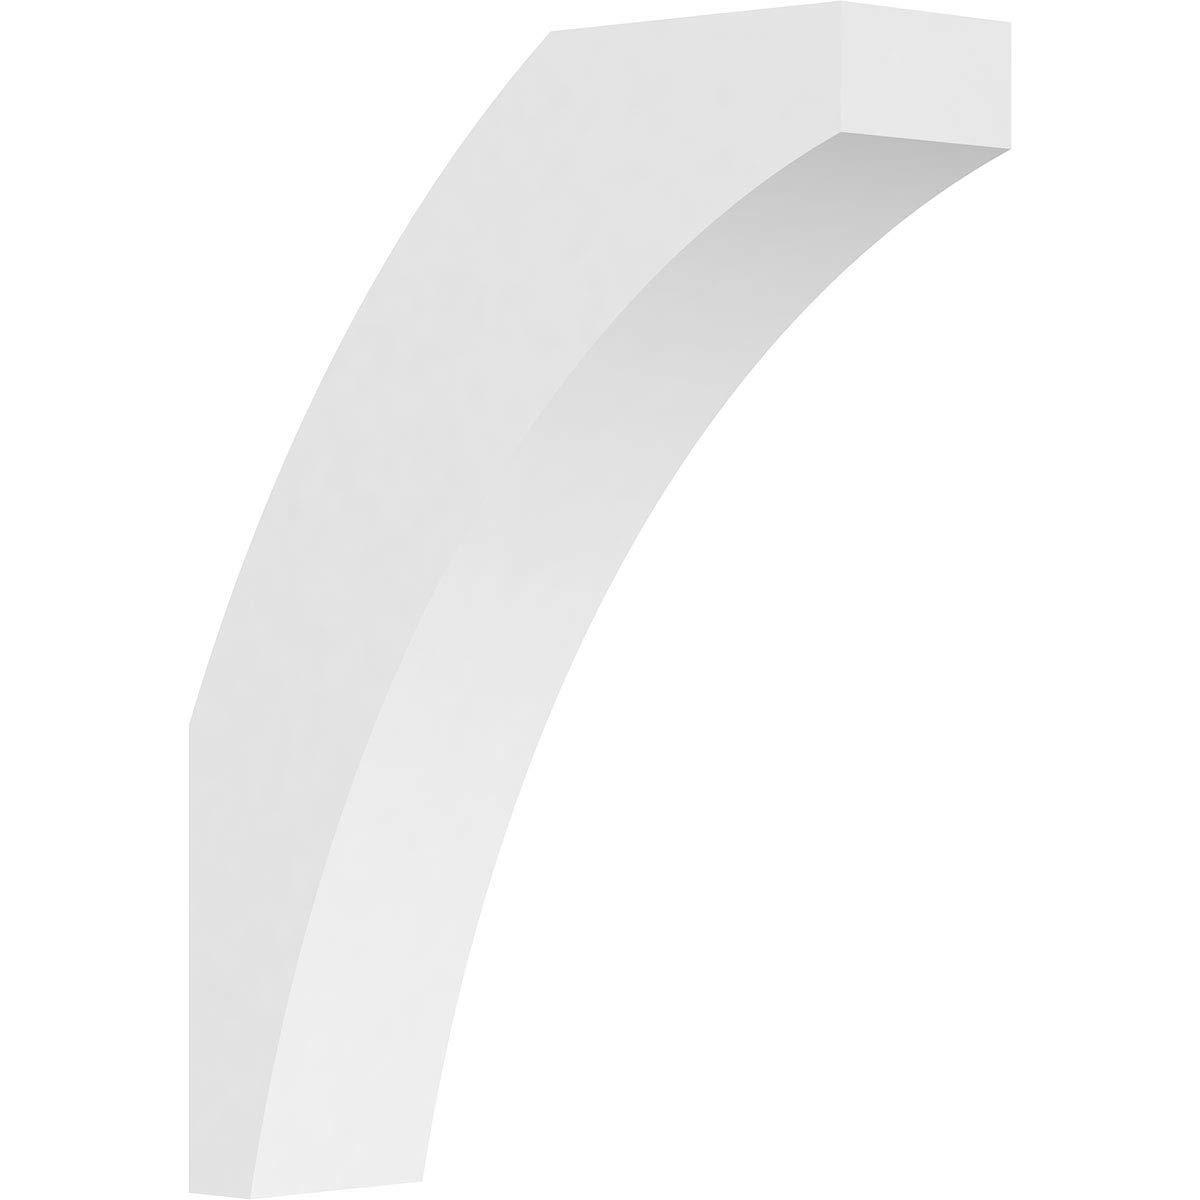 Ekena Millwork BRCP03X12X16THR PVC Brace, 3'' W x 12'' D x 16'' H, White